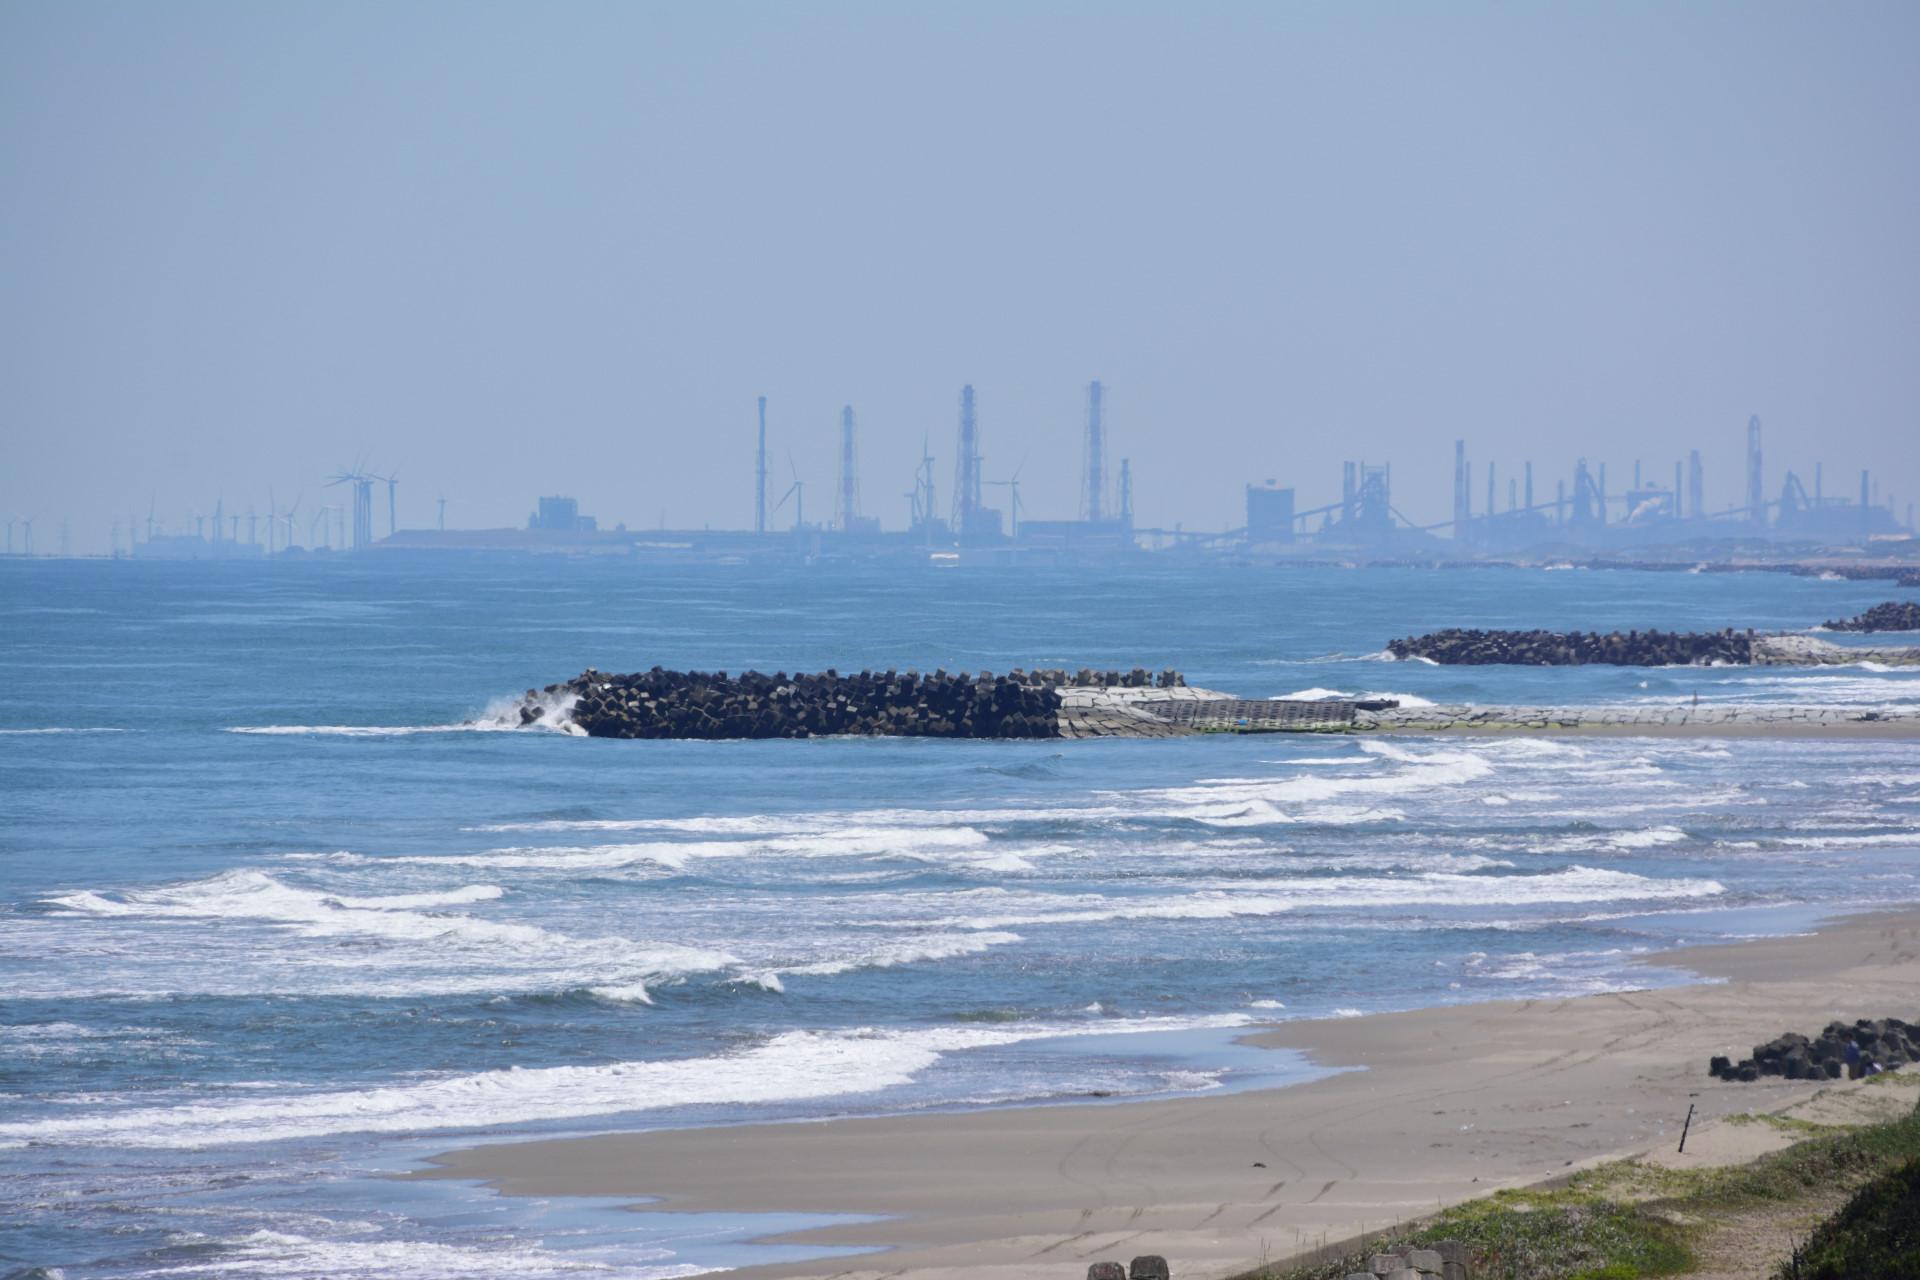 鹿島灘海浜公園からの鹿島臨海工業地帯